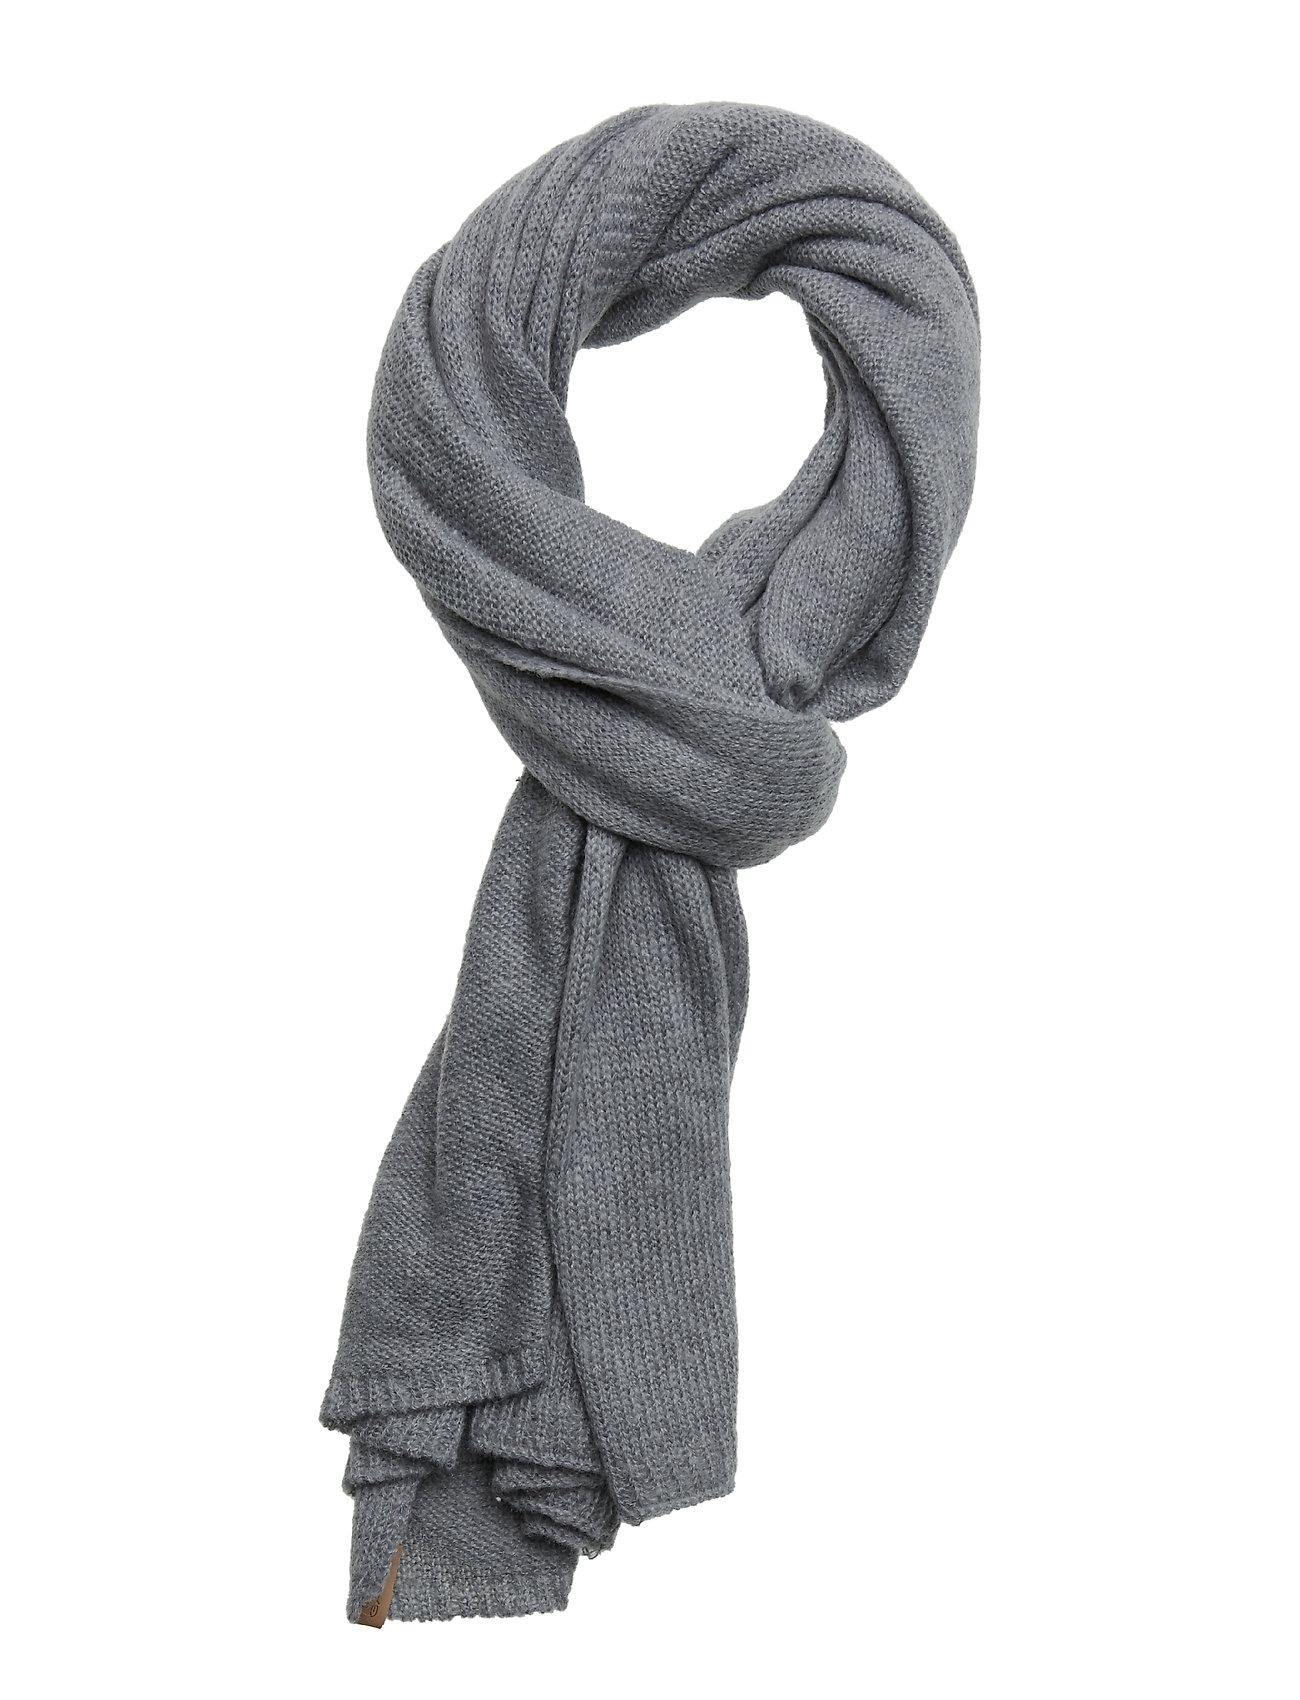 Image of O1. Knitted Scarf Tørklæde Grå GANT (3127174885)